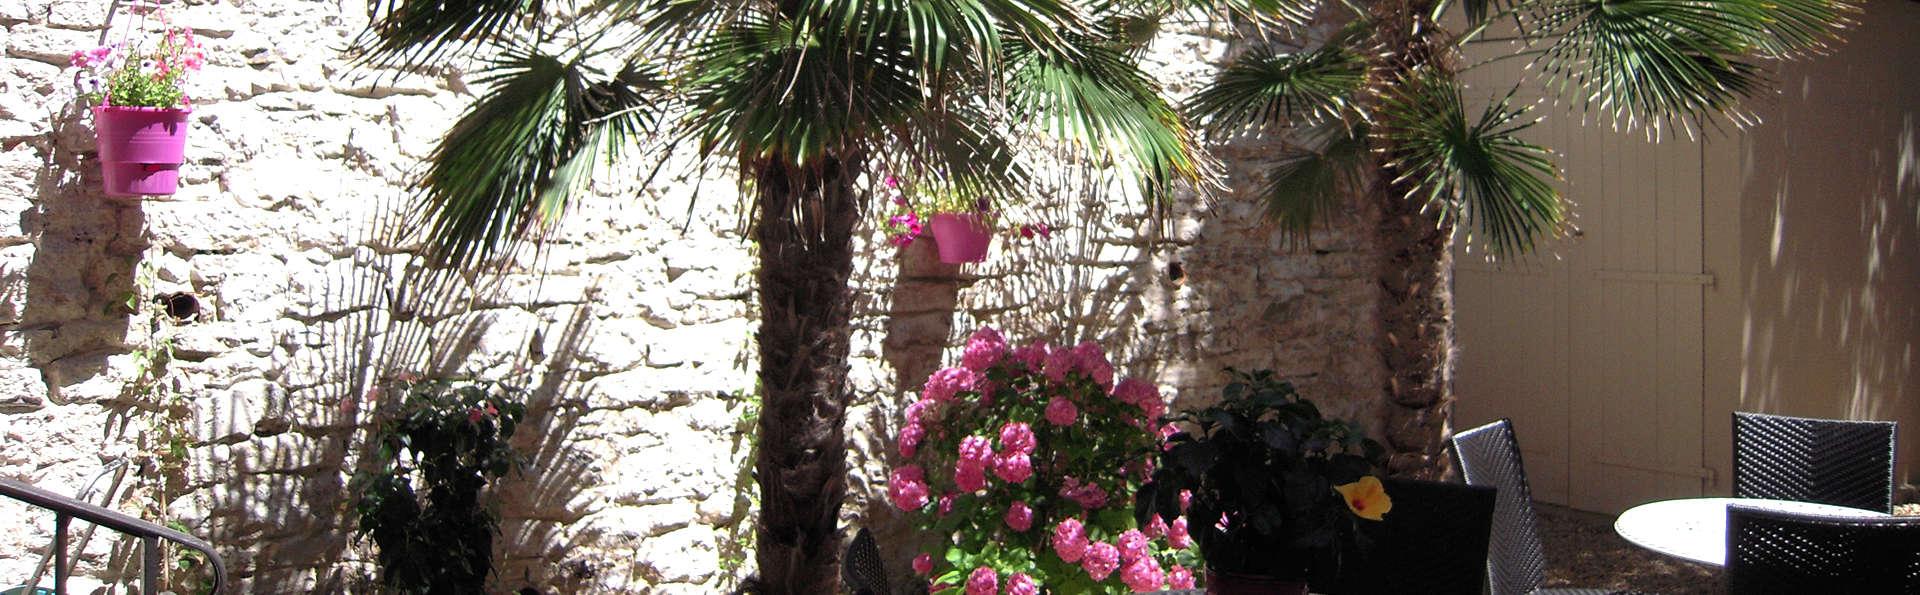 Hôtel Georges VI - Biarritz - edit_patio3.jpg